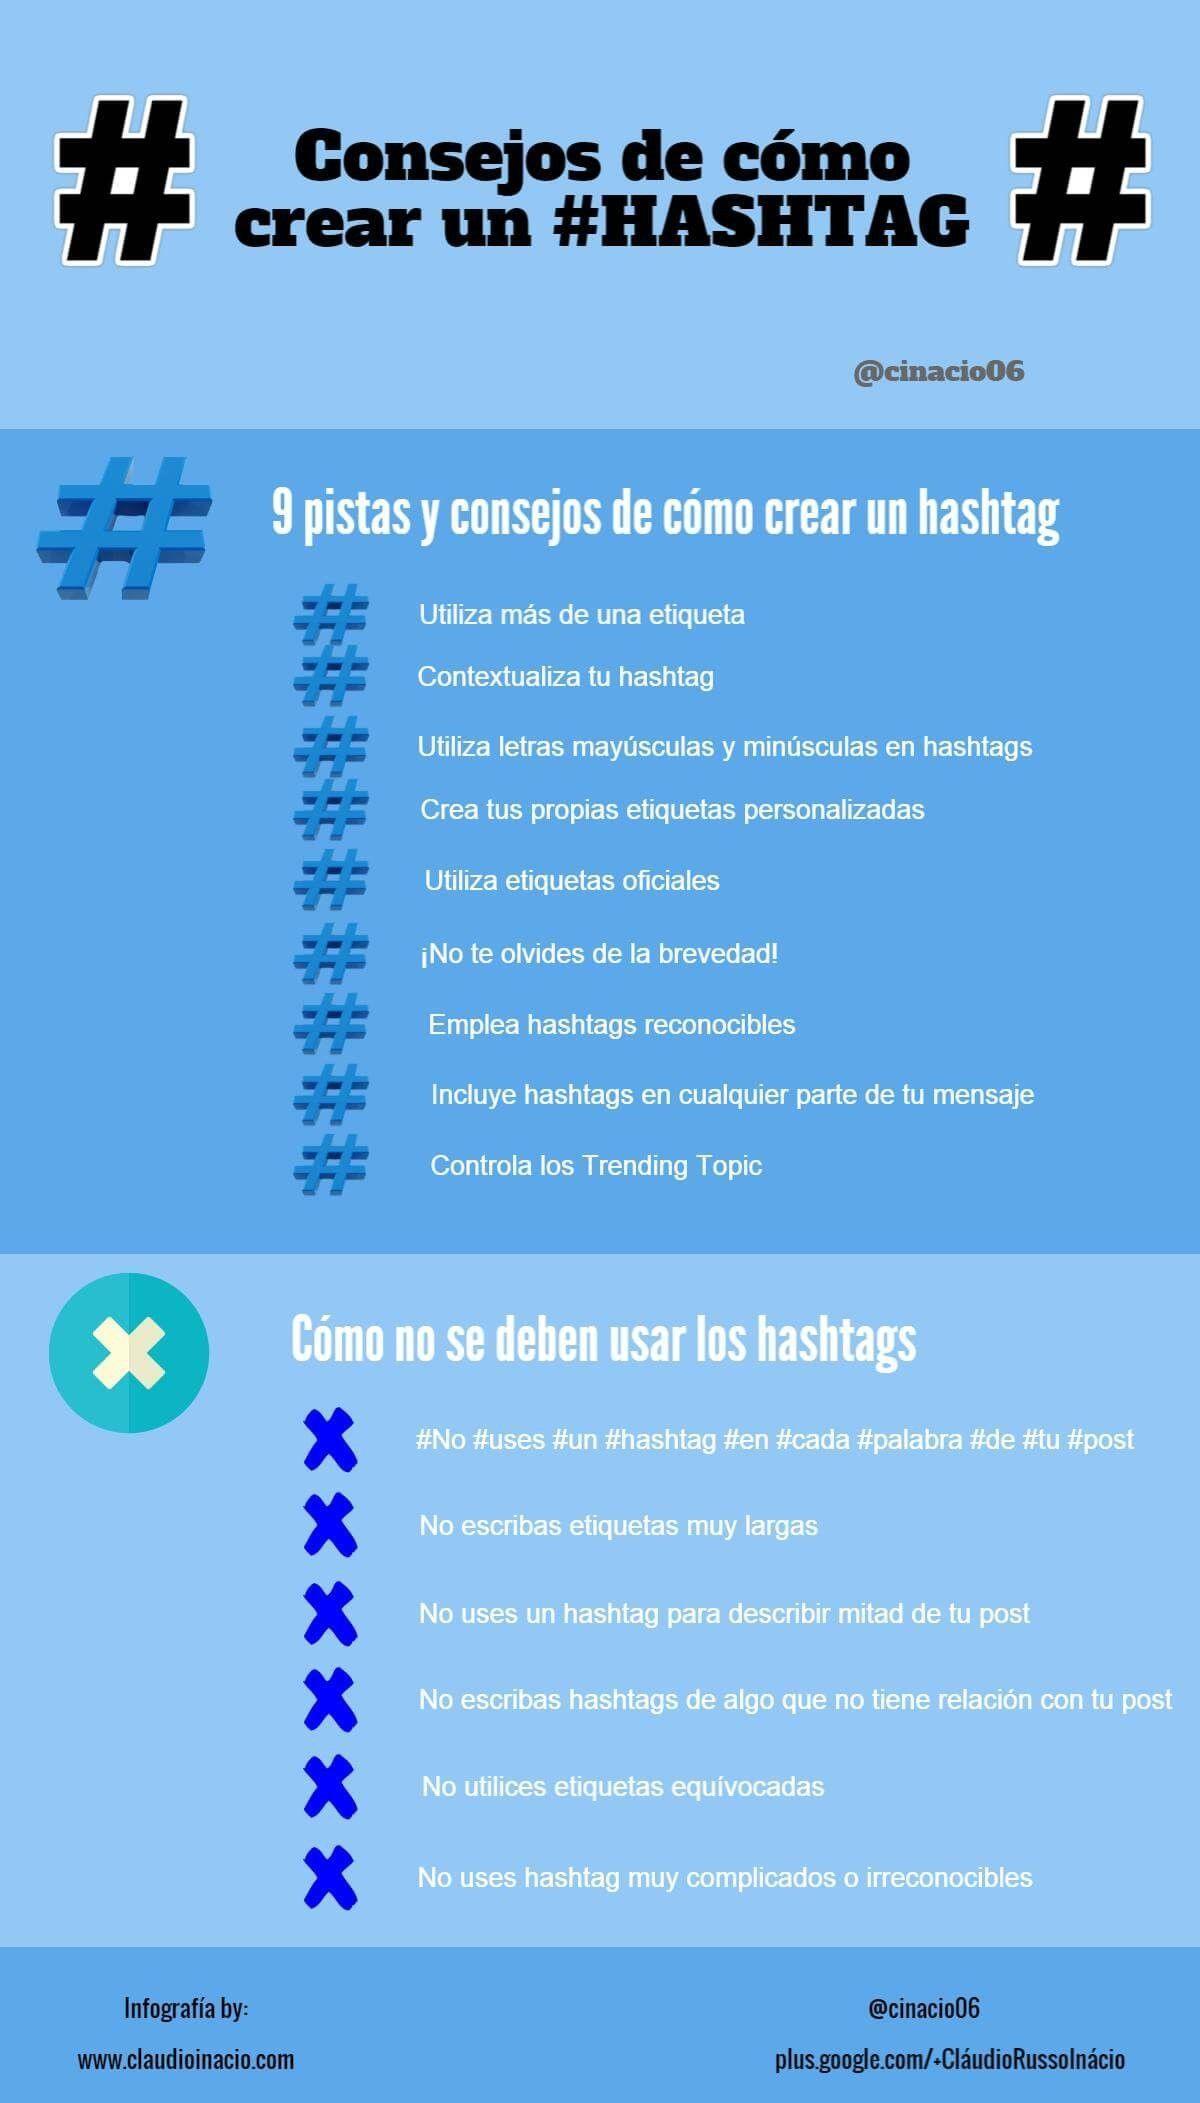 infografia con consejos de como crear hastags en diferentes redes sociales